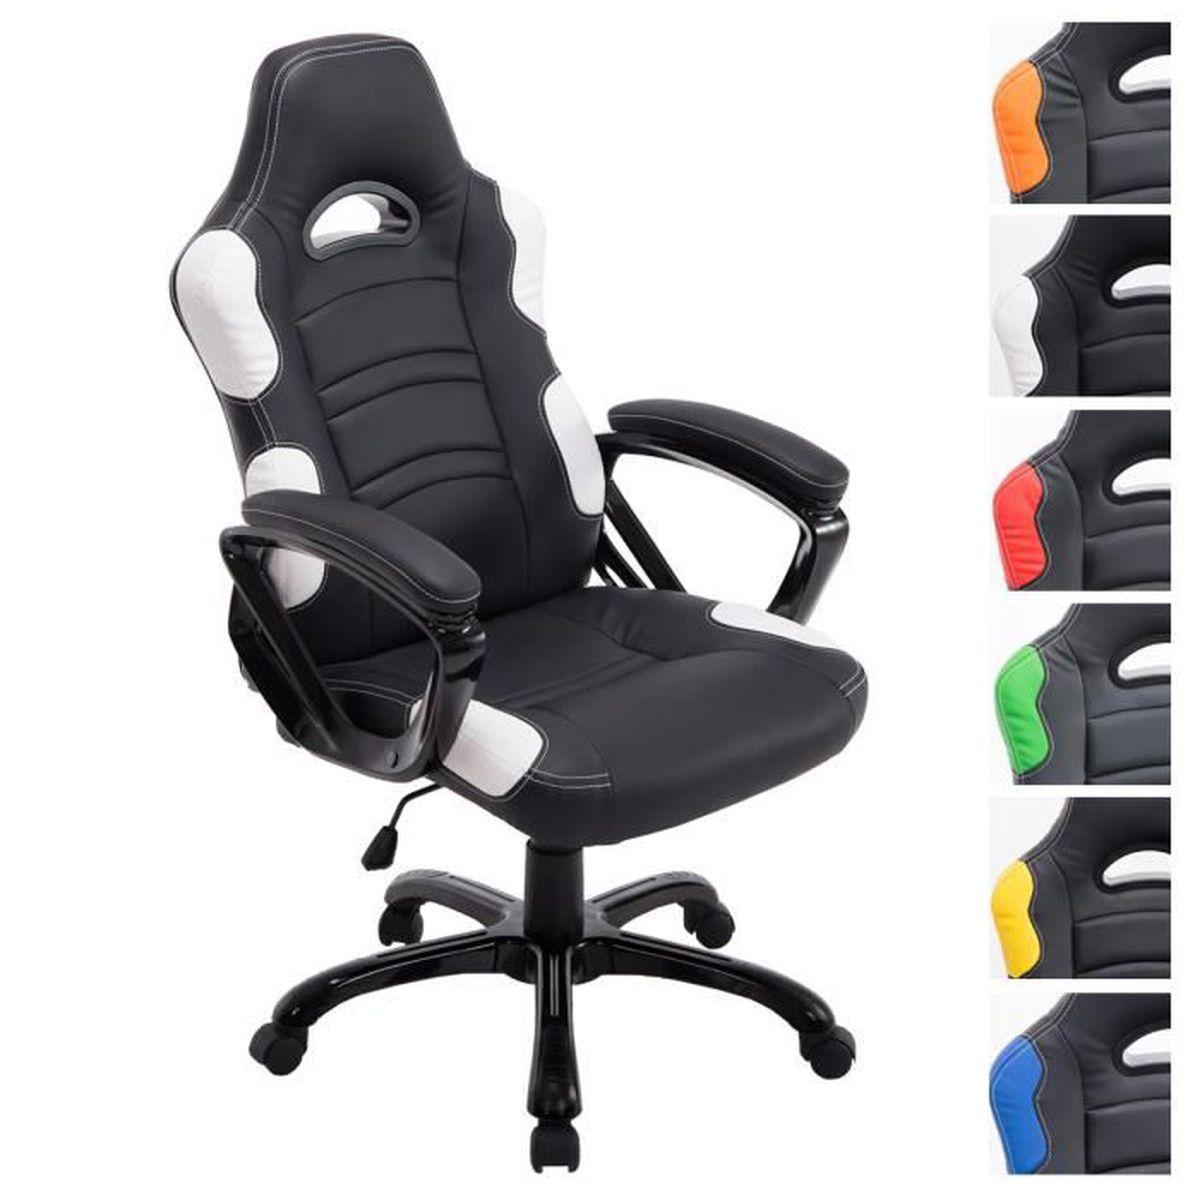 Clp fauteuil de bureau ricardo xl r glable en hauteur 47 57 cm capacit d - Chaise de bureau reglable en hauteur ...